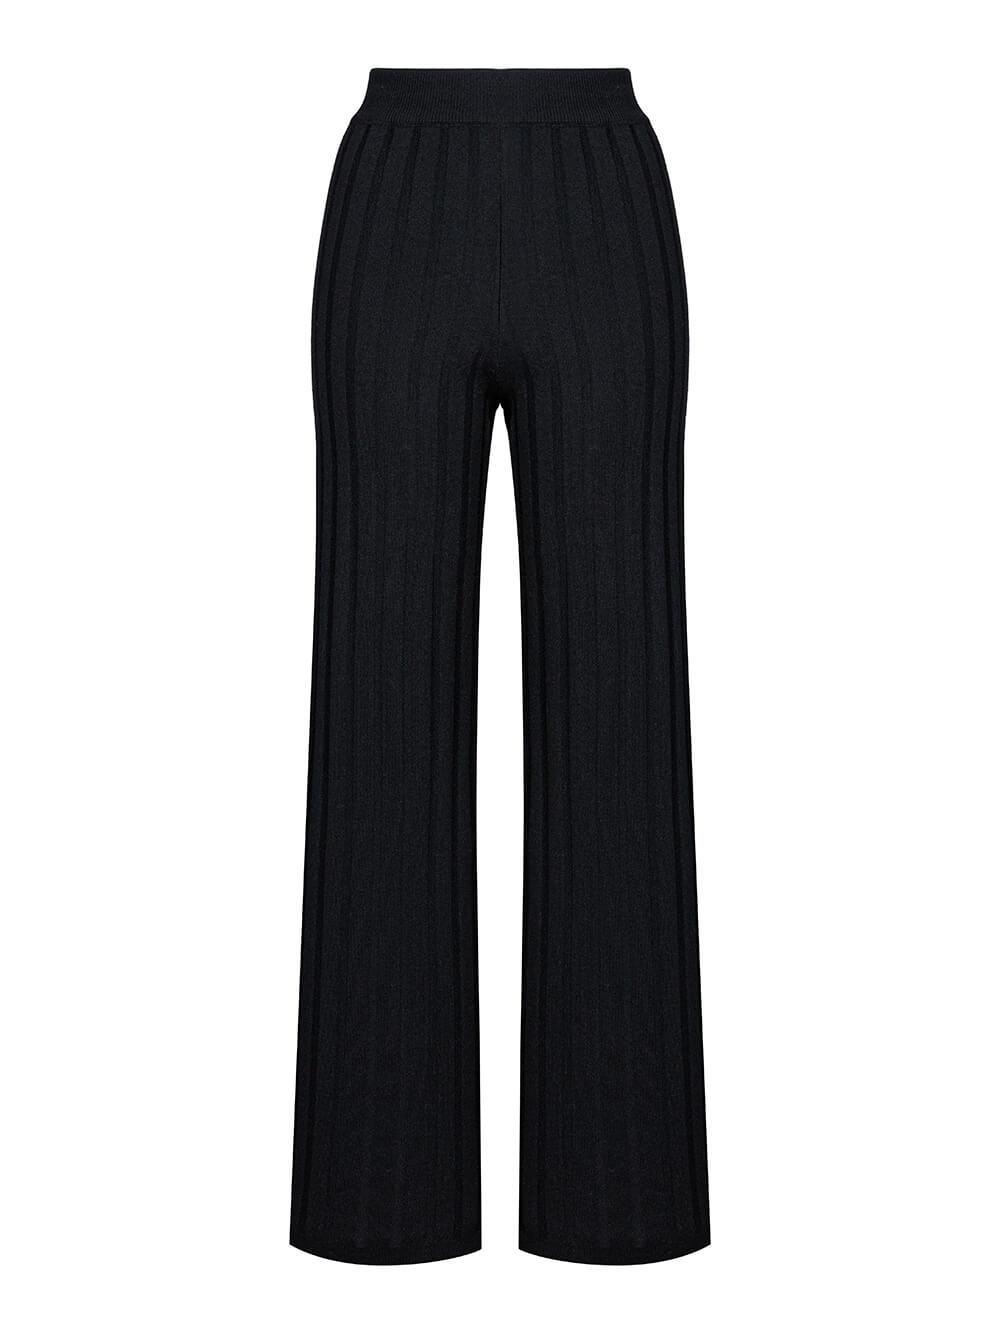 Женские брюки черного цвета из шерсти и шелка - фото 1